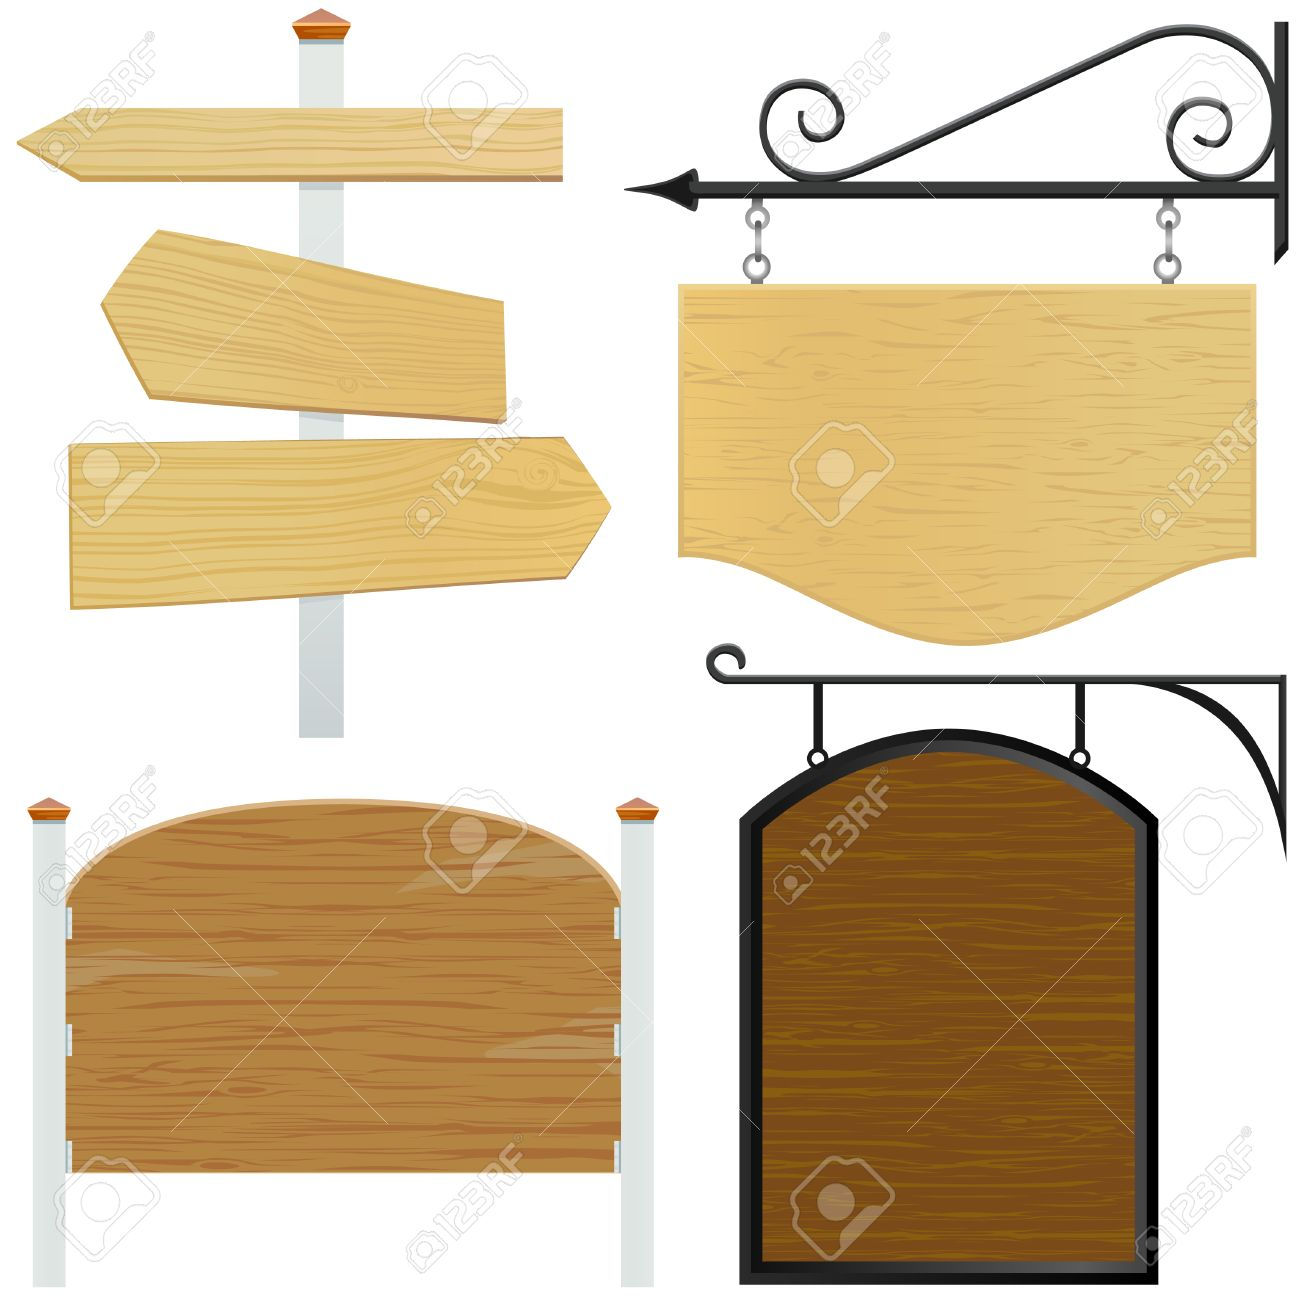 set of wooden sign vector Stock Vector - 8516111